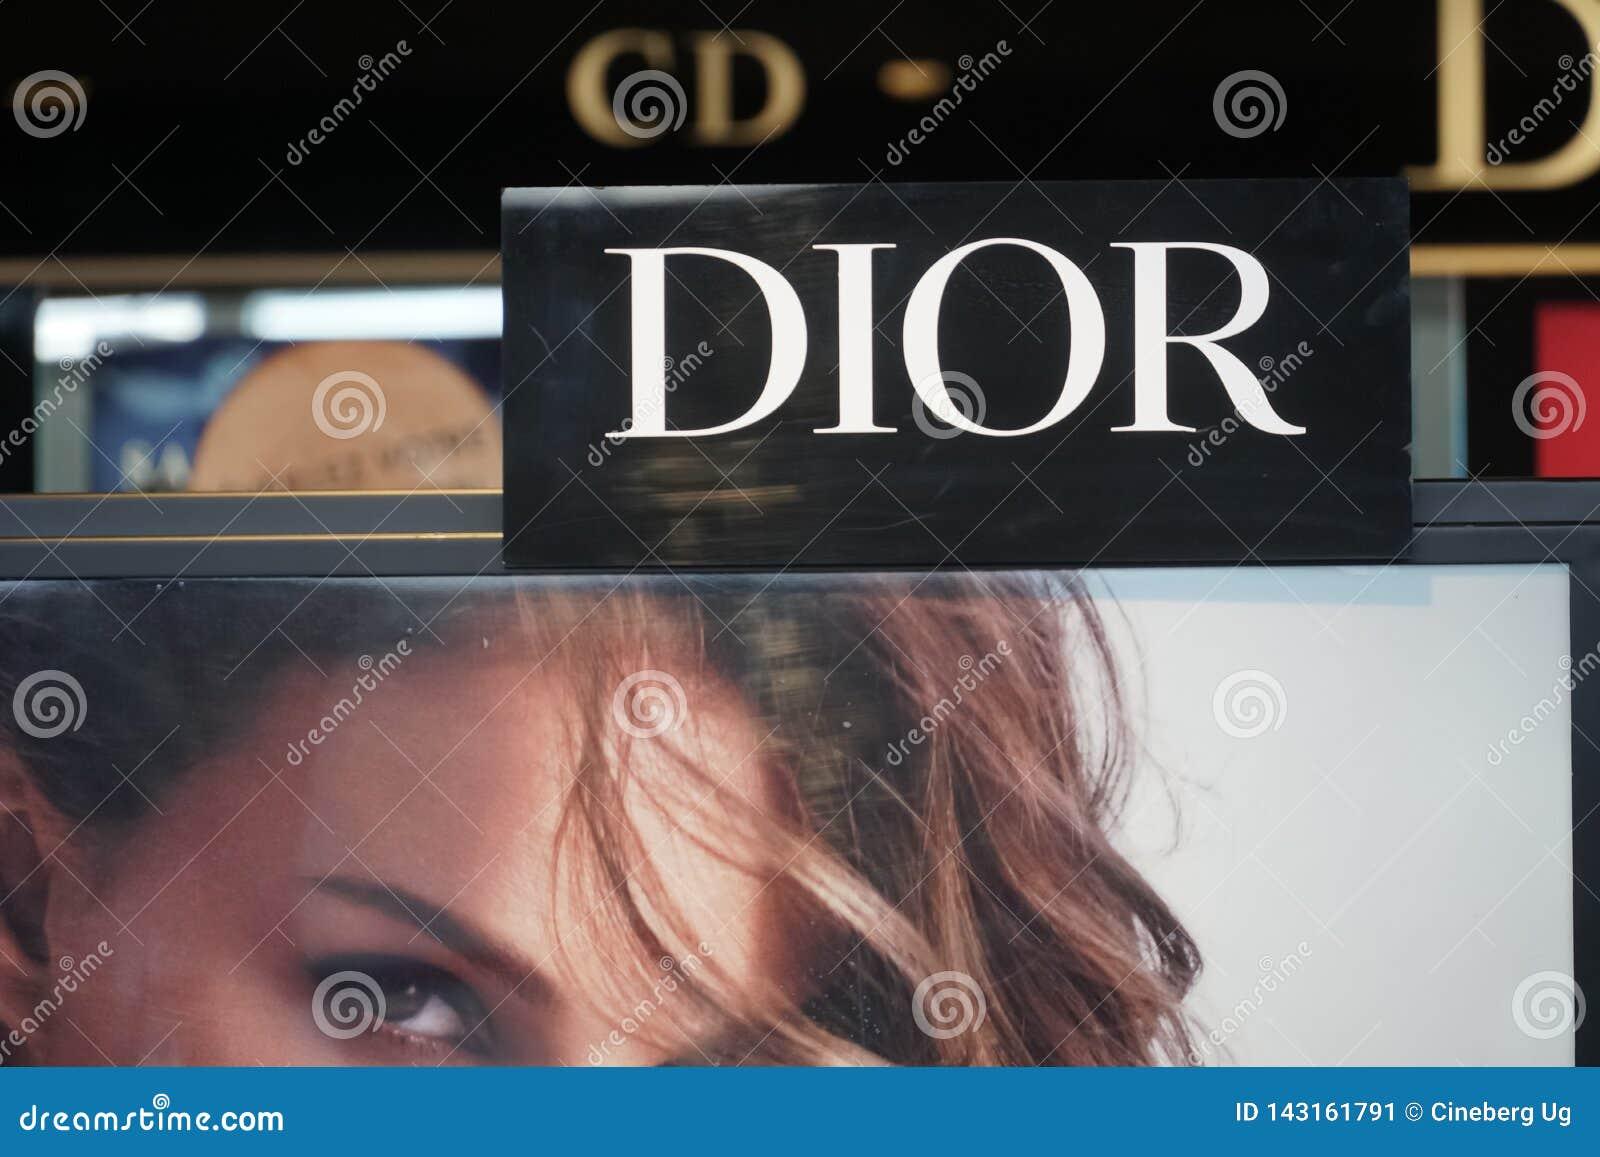 Dior signage